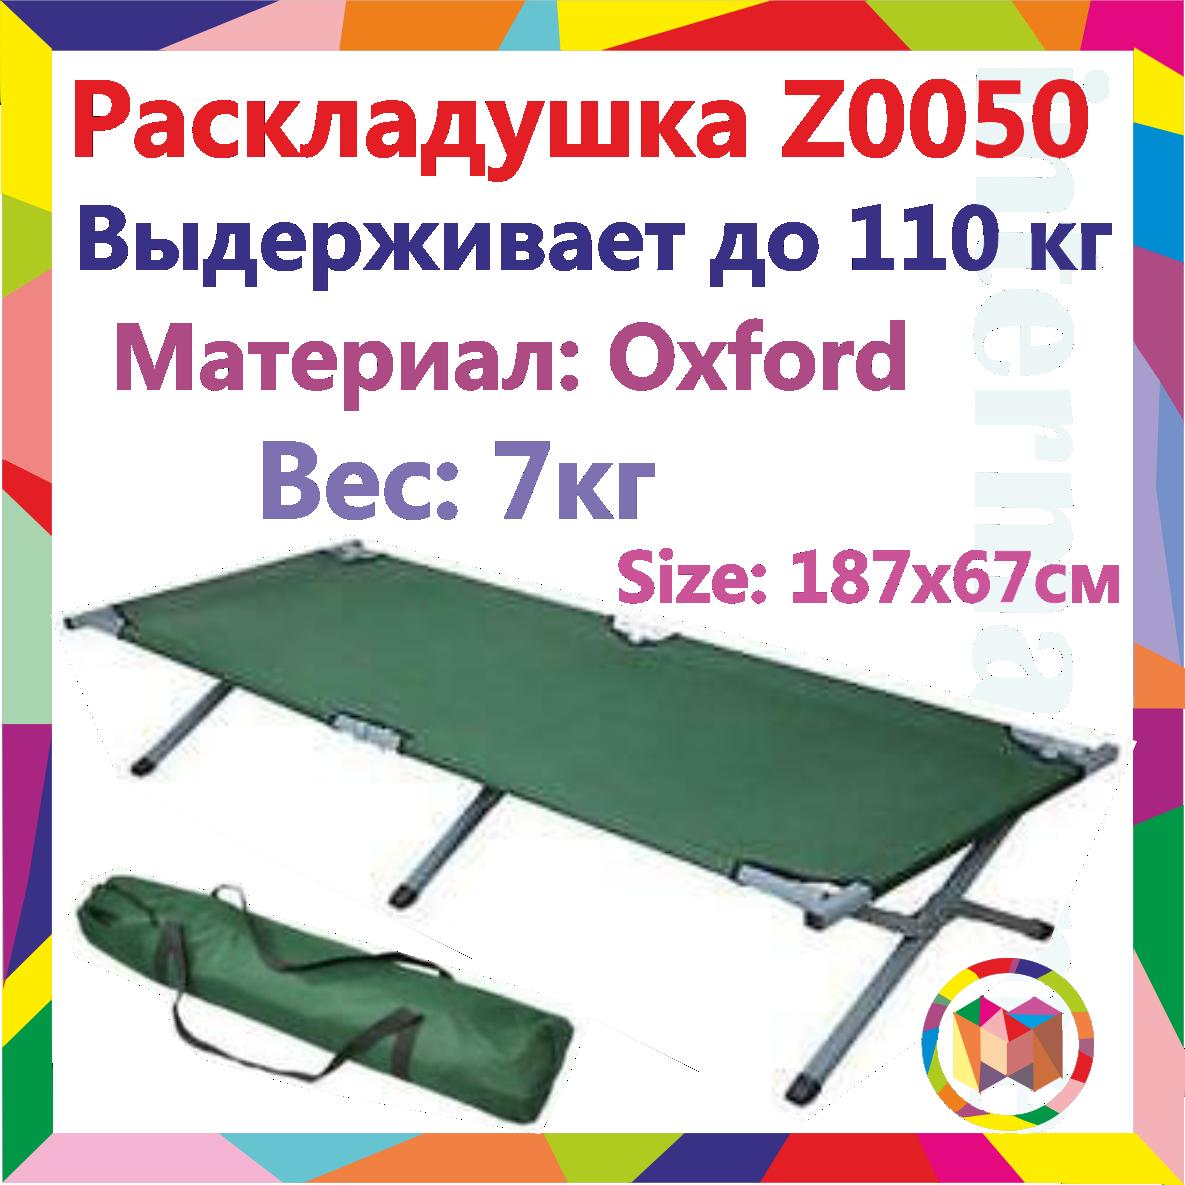 Раскладушка, складная кровать, компактная 187х67 см